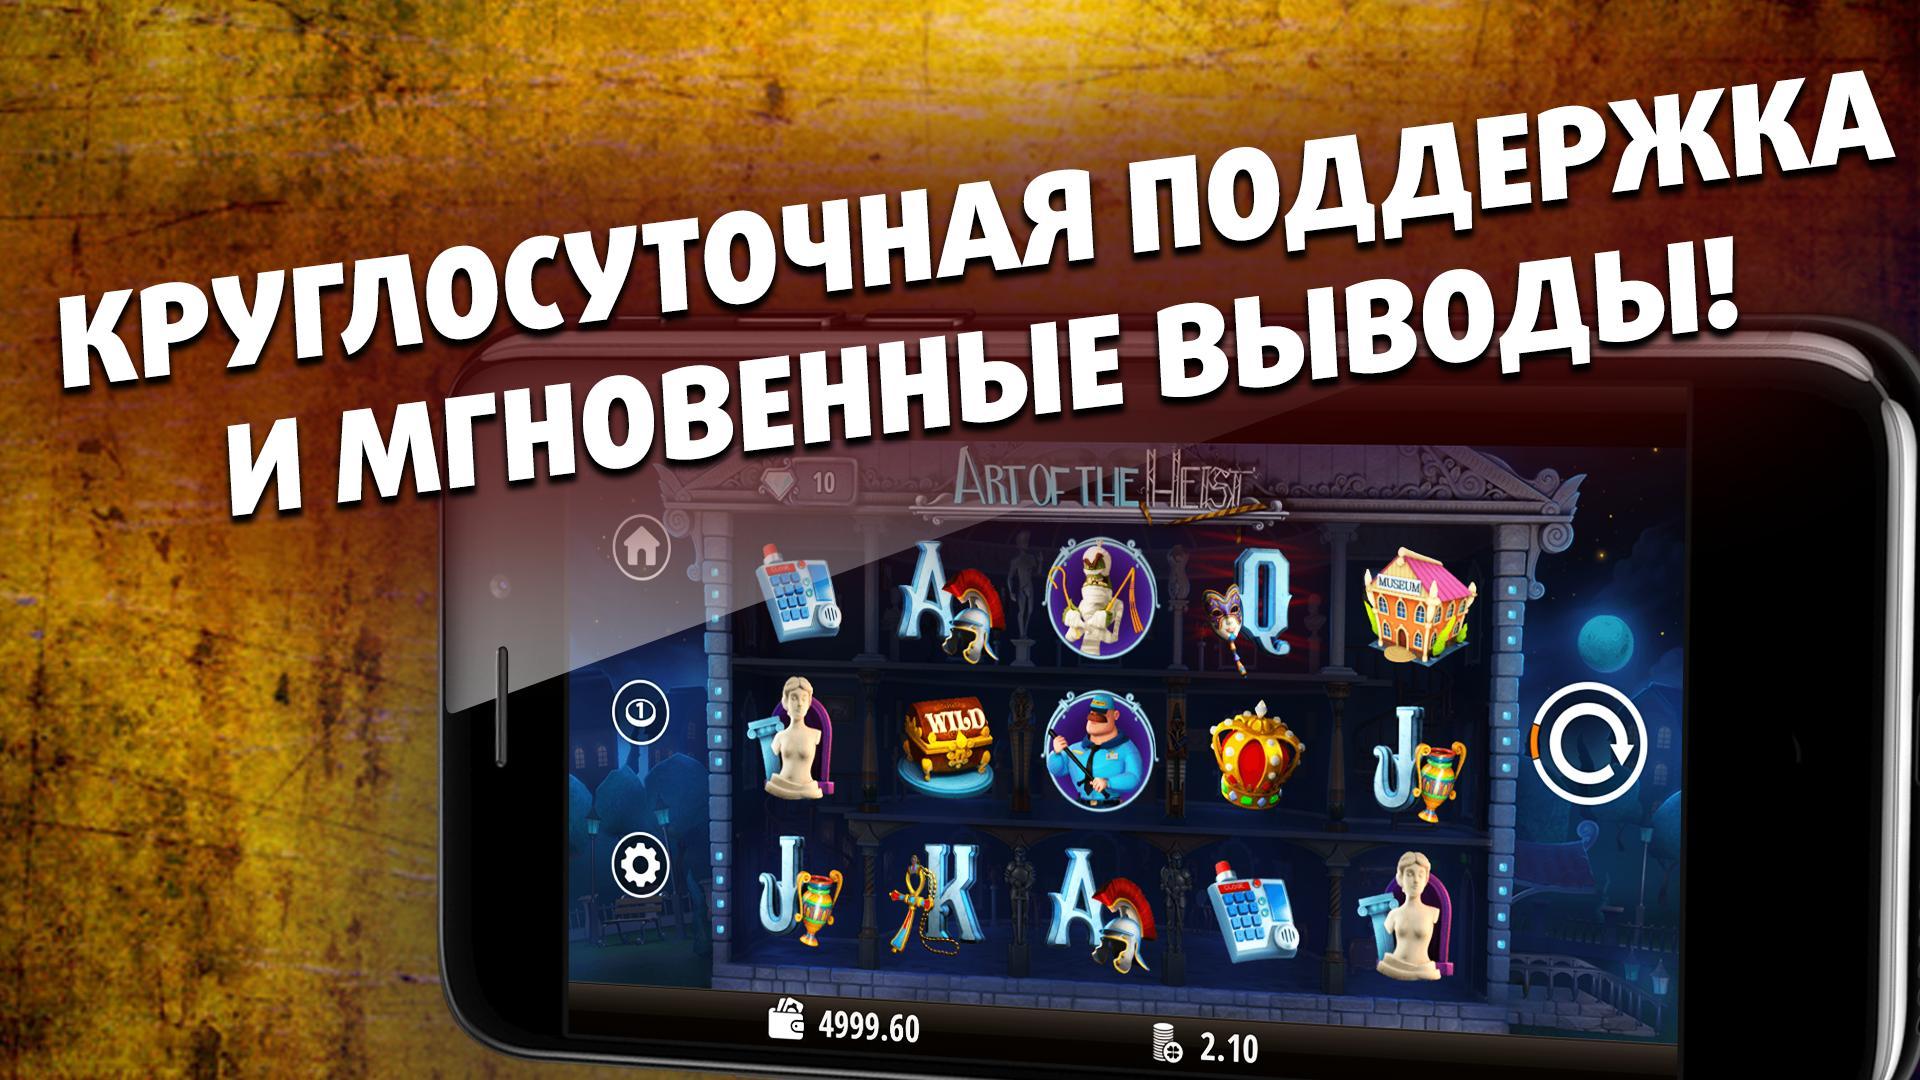 Эльдорадо игровые автоматы на деньги скачать на андроид бесплатно игровой автомат риф дельфинов